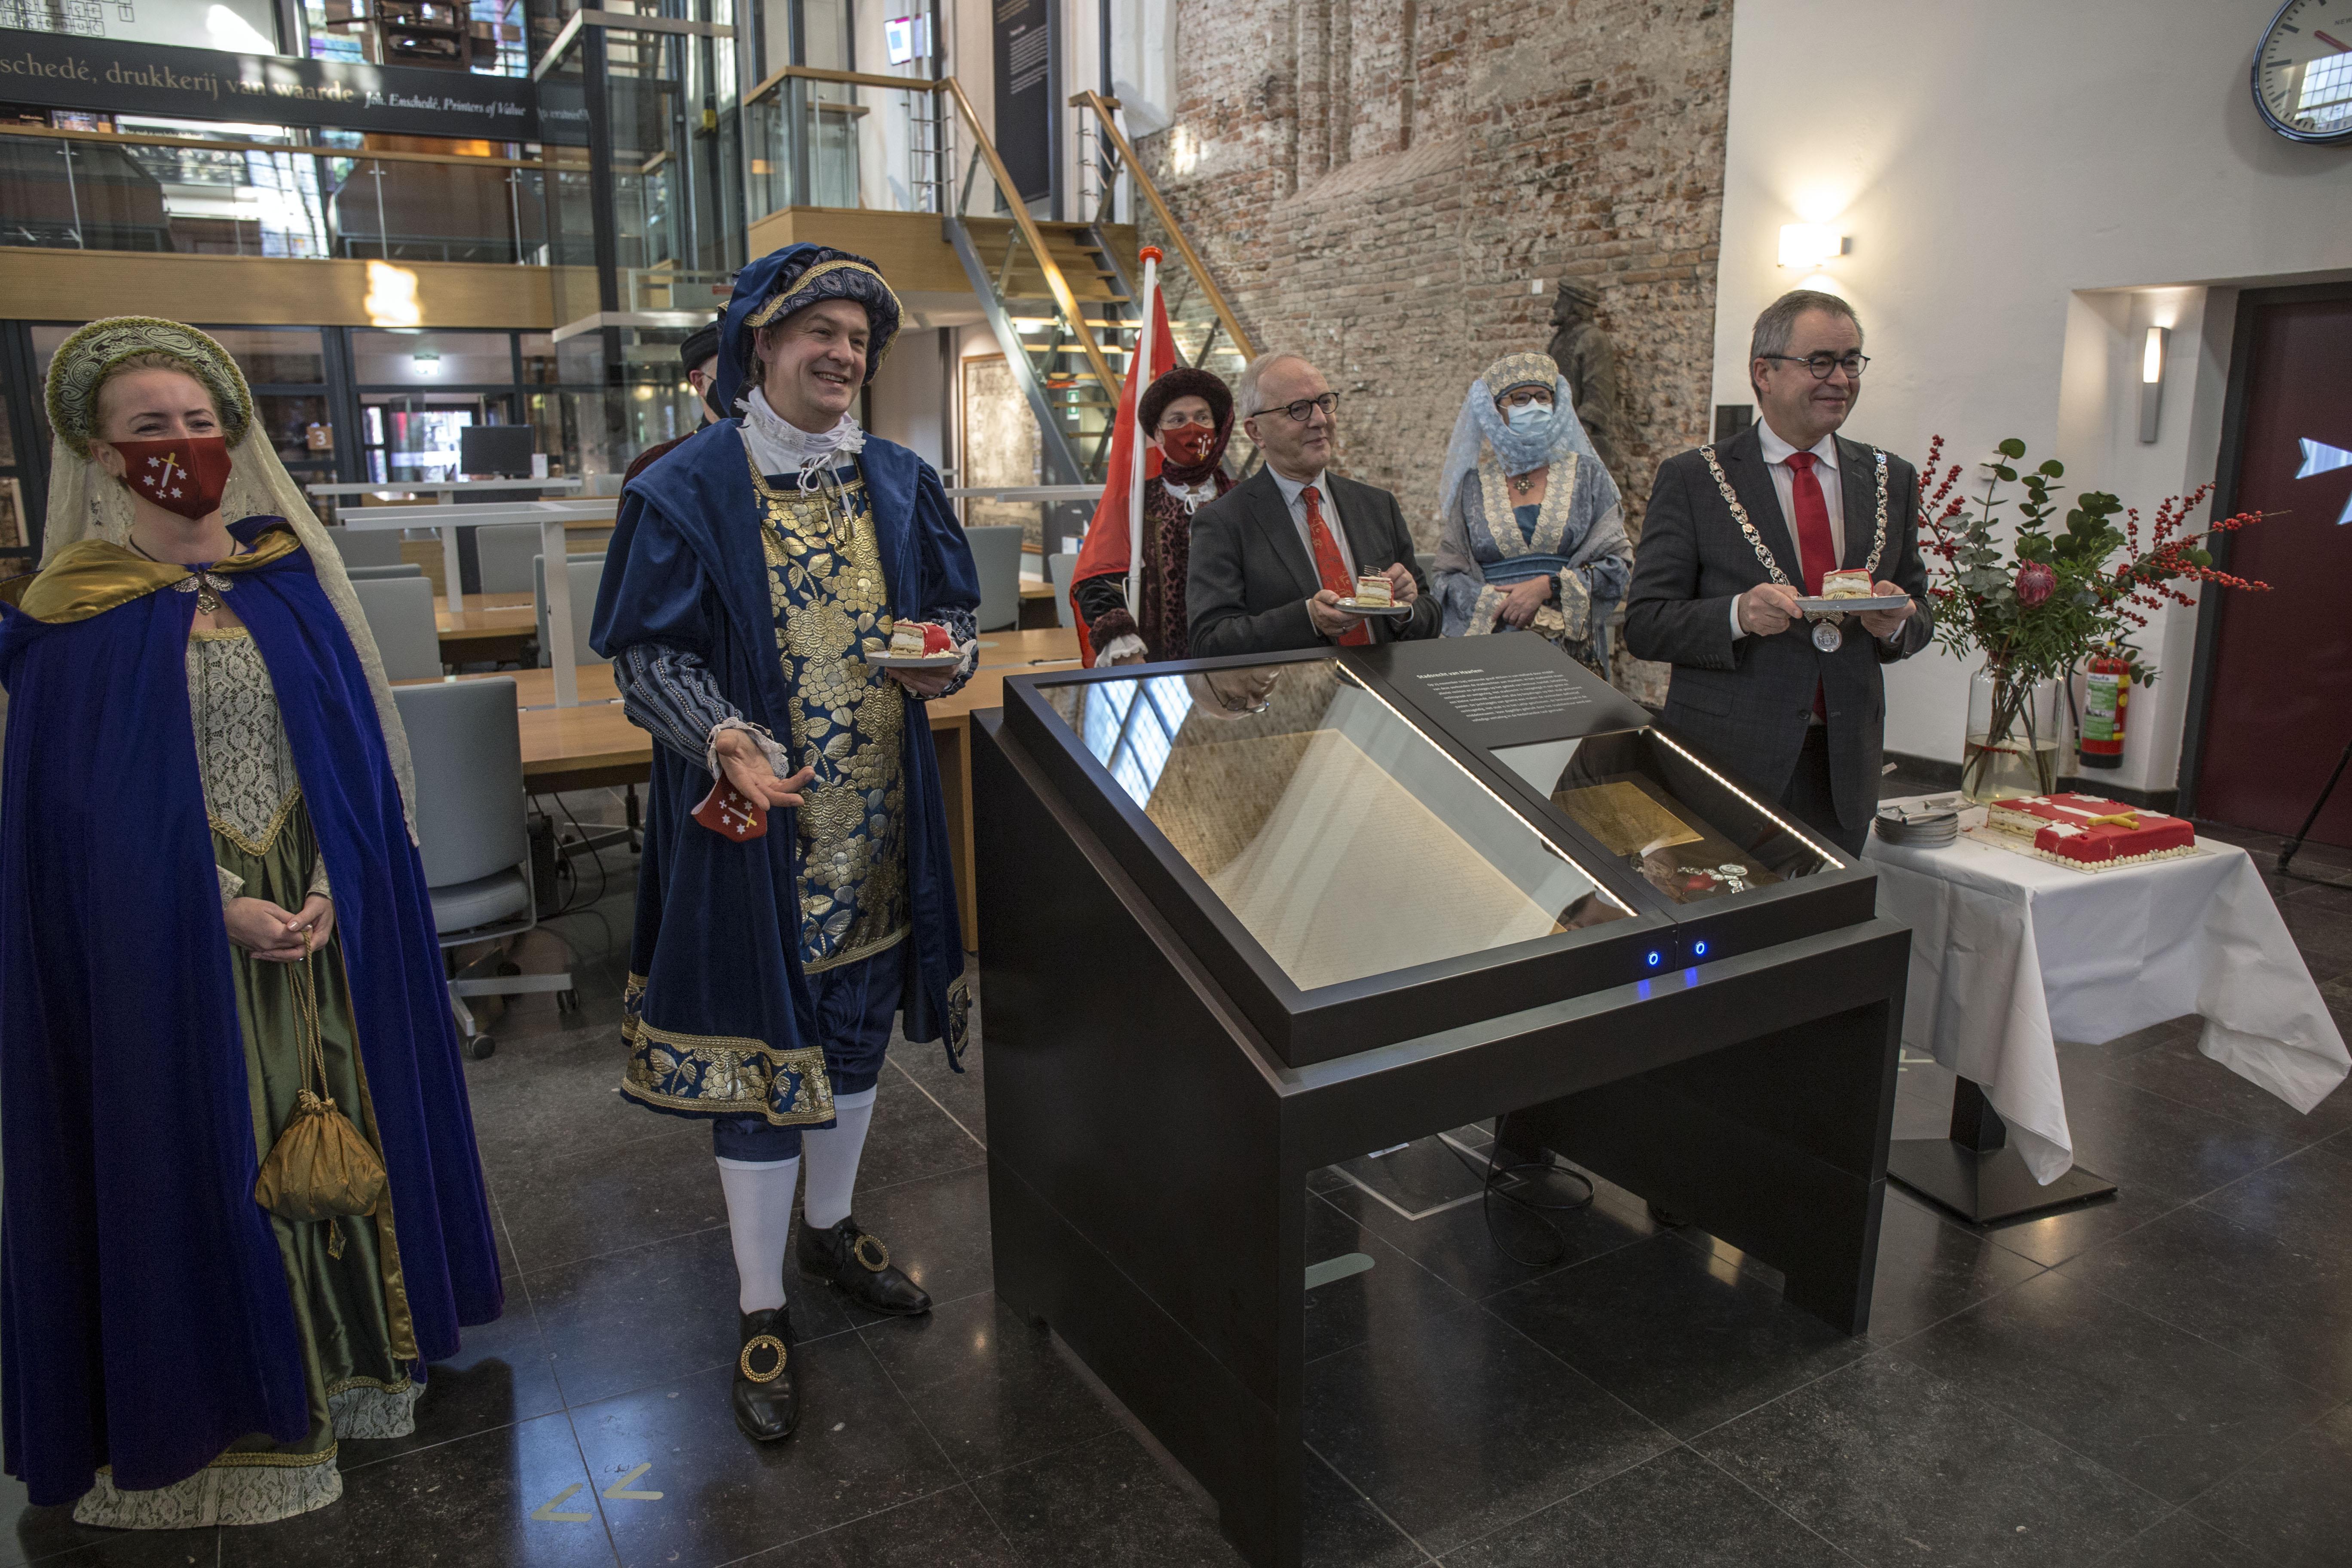 Haarlem 775: Met het aansnijden van de taart is de verjaardag officieel begonnen